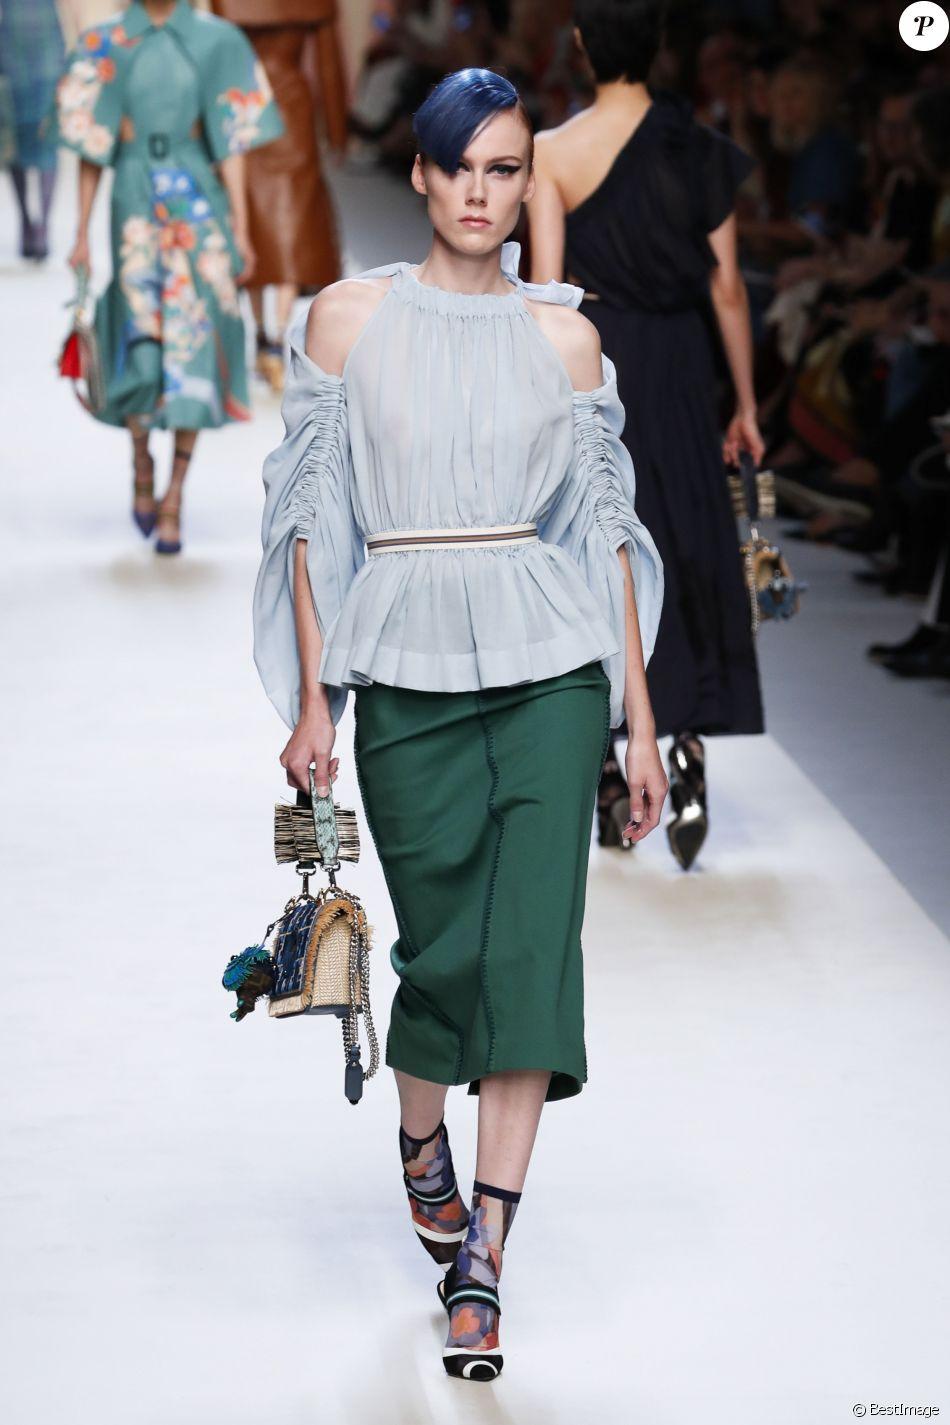 Défilé de mode printemps-été 2018  quot Fendi quot  lors de la fashion week 239e16f5b01